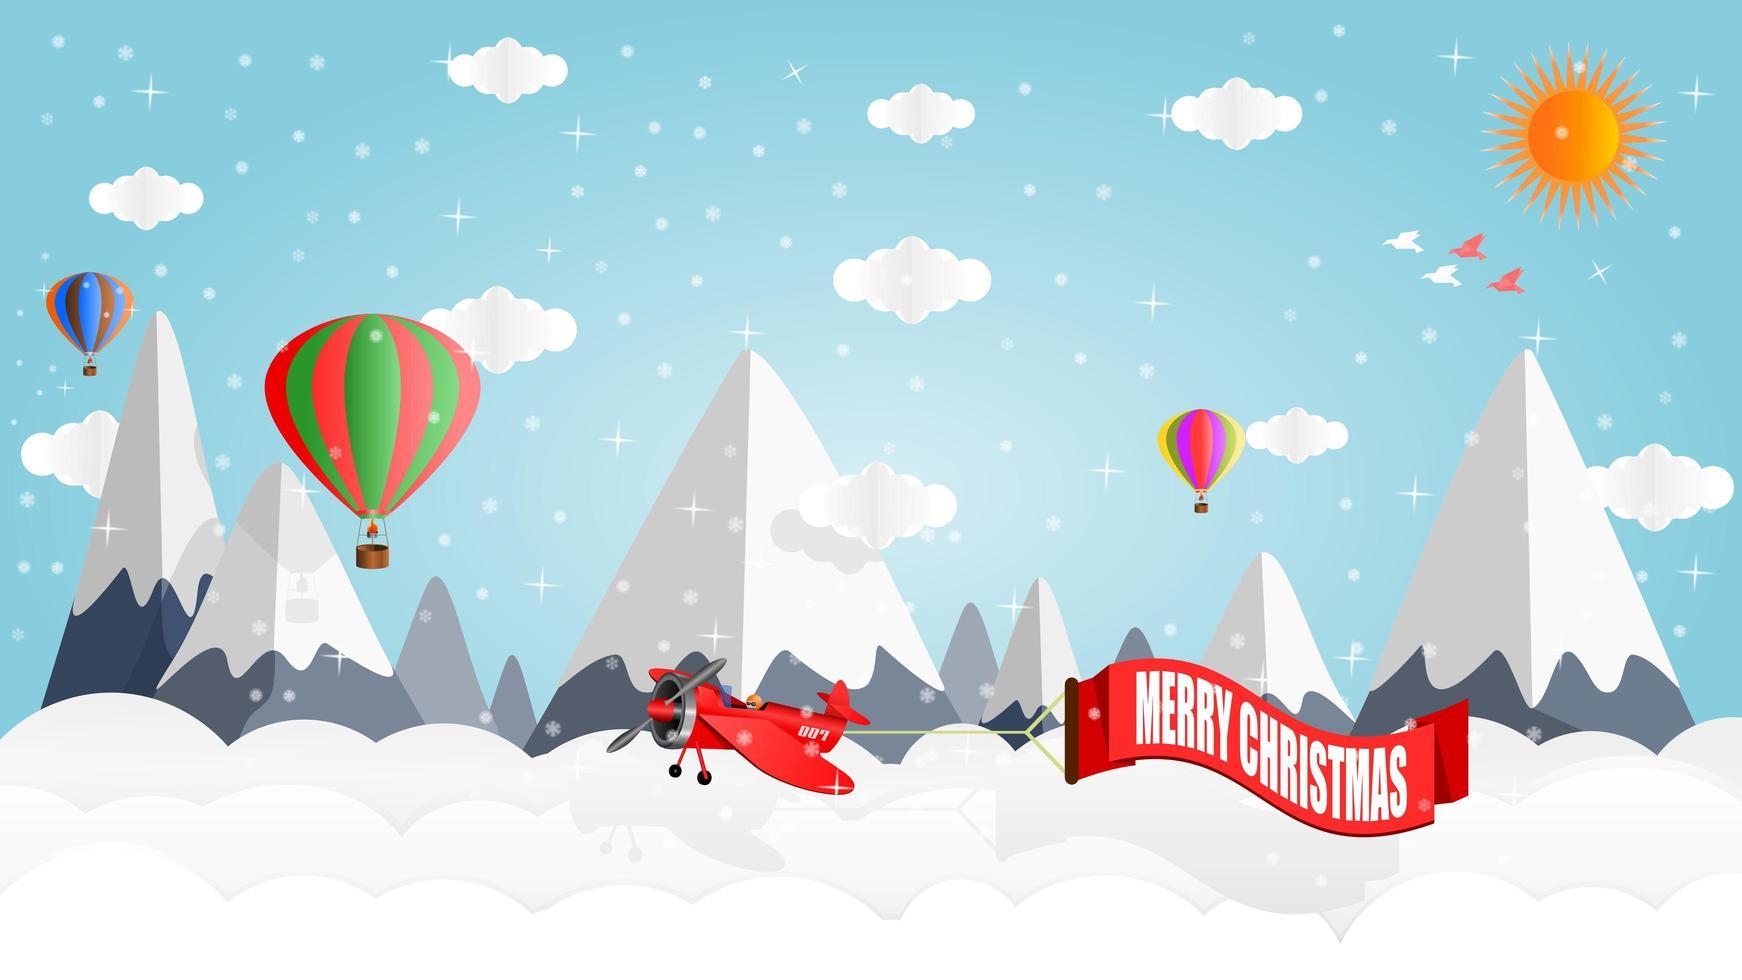 flygplan och ballonger ovanför snöklädda berg vektor